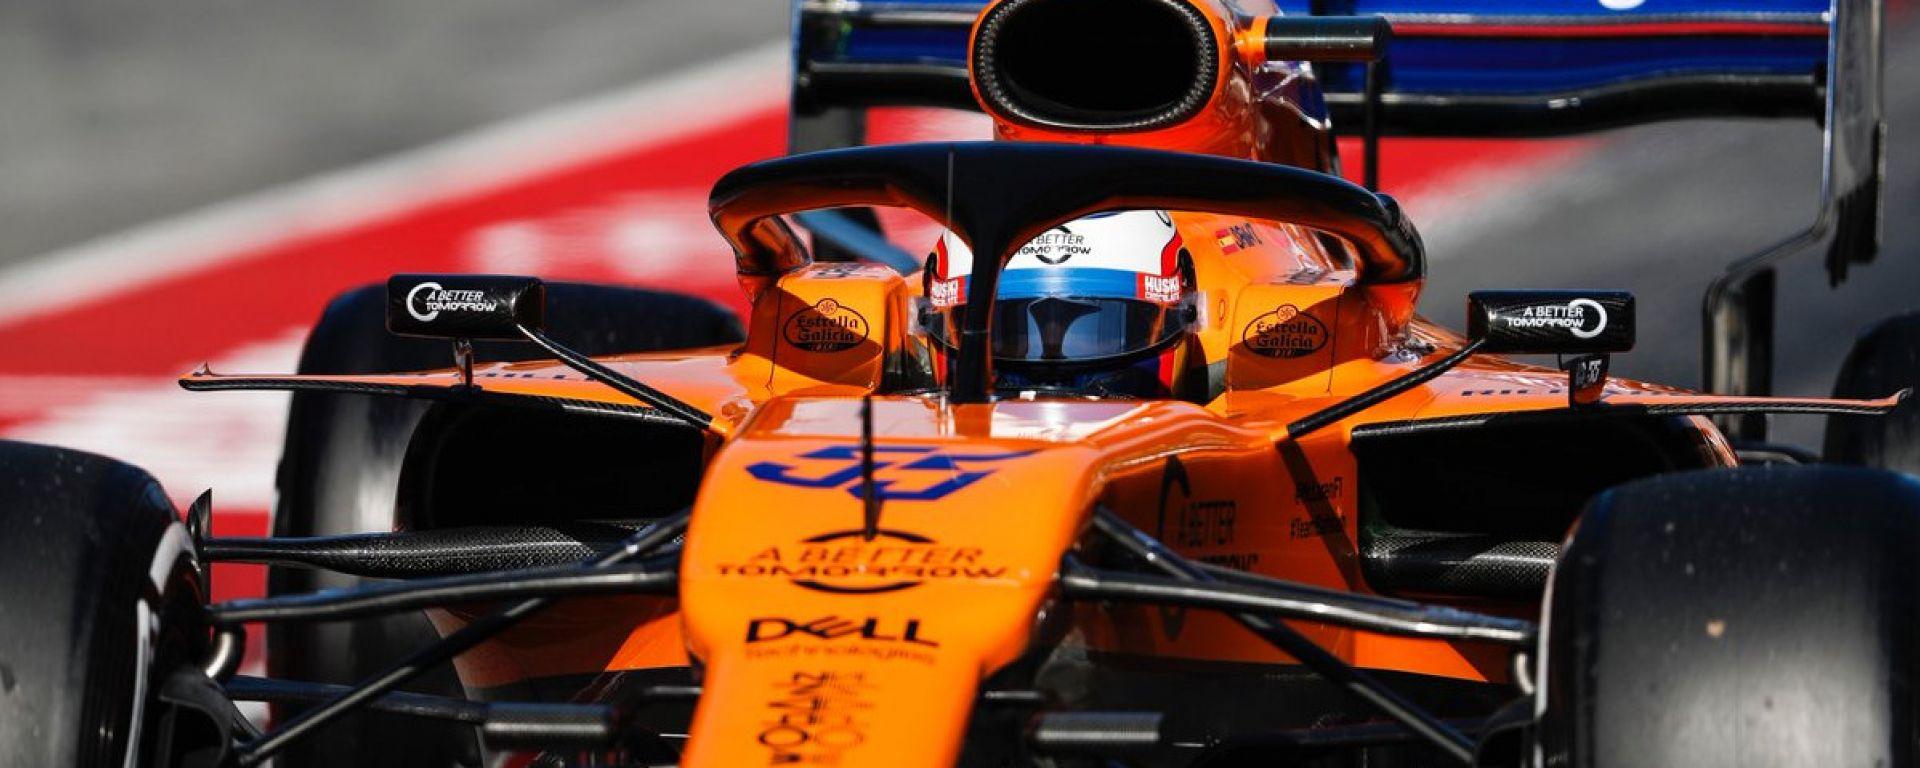 Test F1 Barcellona-2, l'uomo del giorno è Carlos Sainz